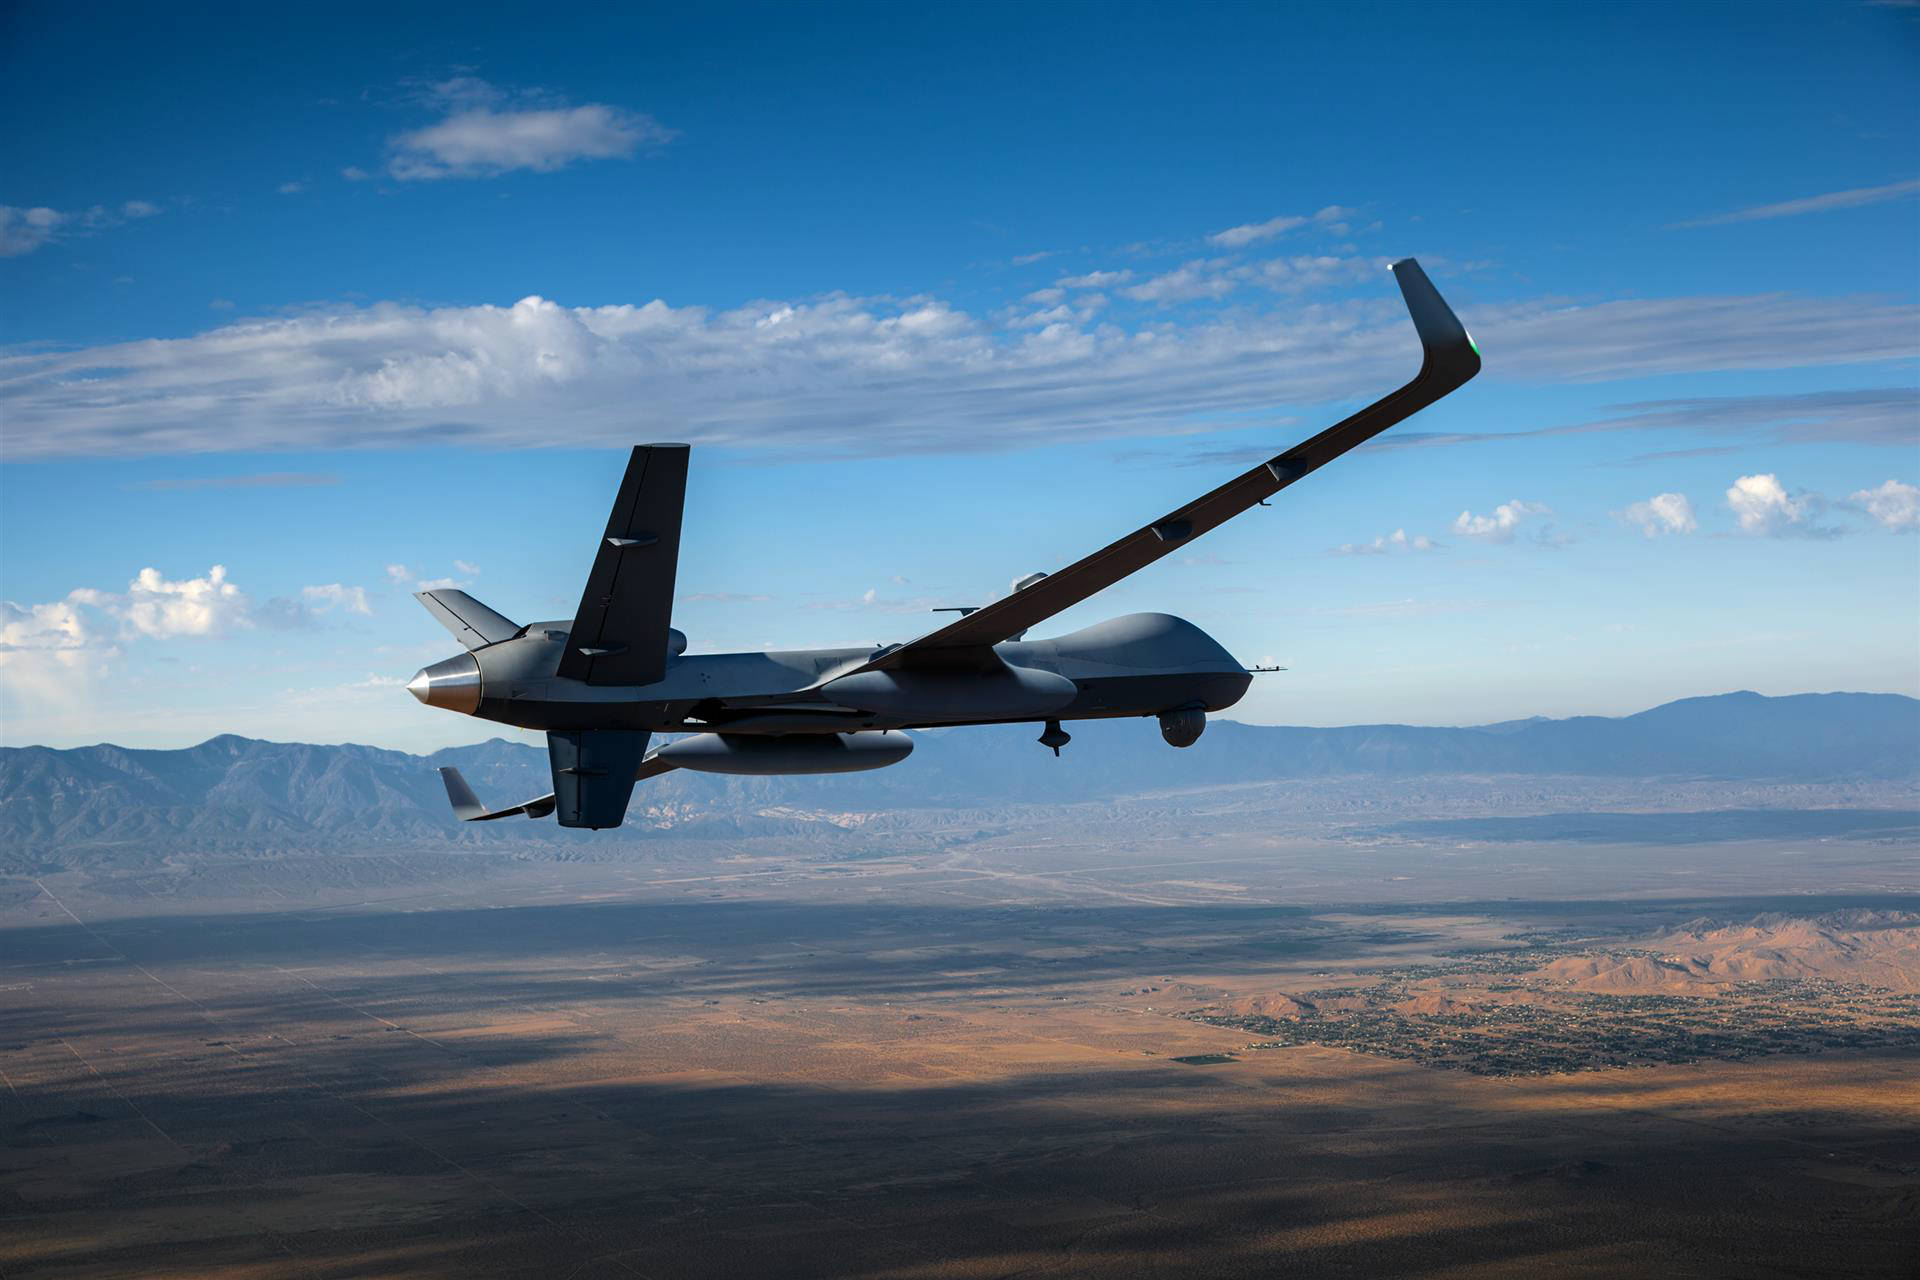 БЛА Predator B/MQ-9 Reaper Extended Range (ER) Long Wing с крылом увеличенного размаха.